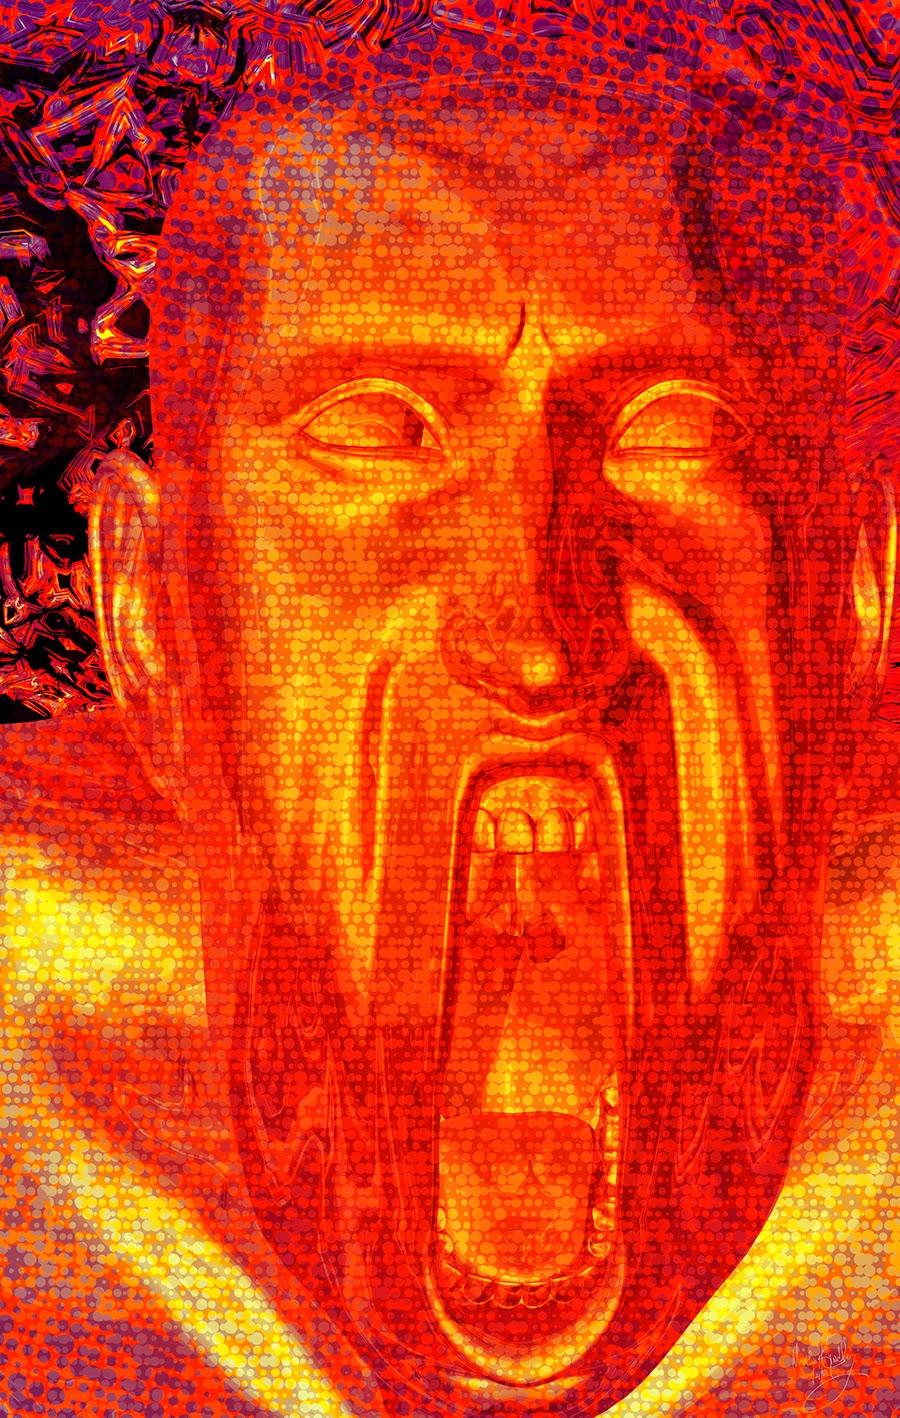 """Matt Lindley, """"The Scream"""", Ōe Kenzaburō  """"Zerwać pąki, zabić dzieci"""", Okres ochronny na czarownice, Carmaniola"""